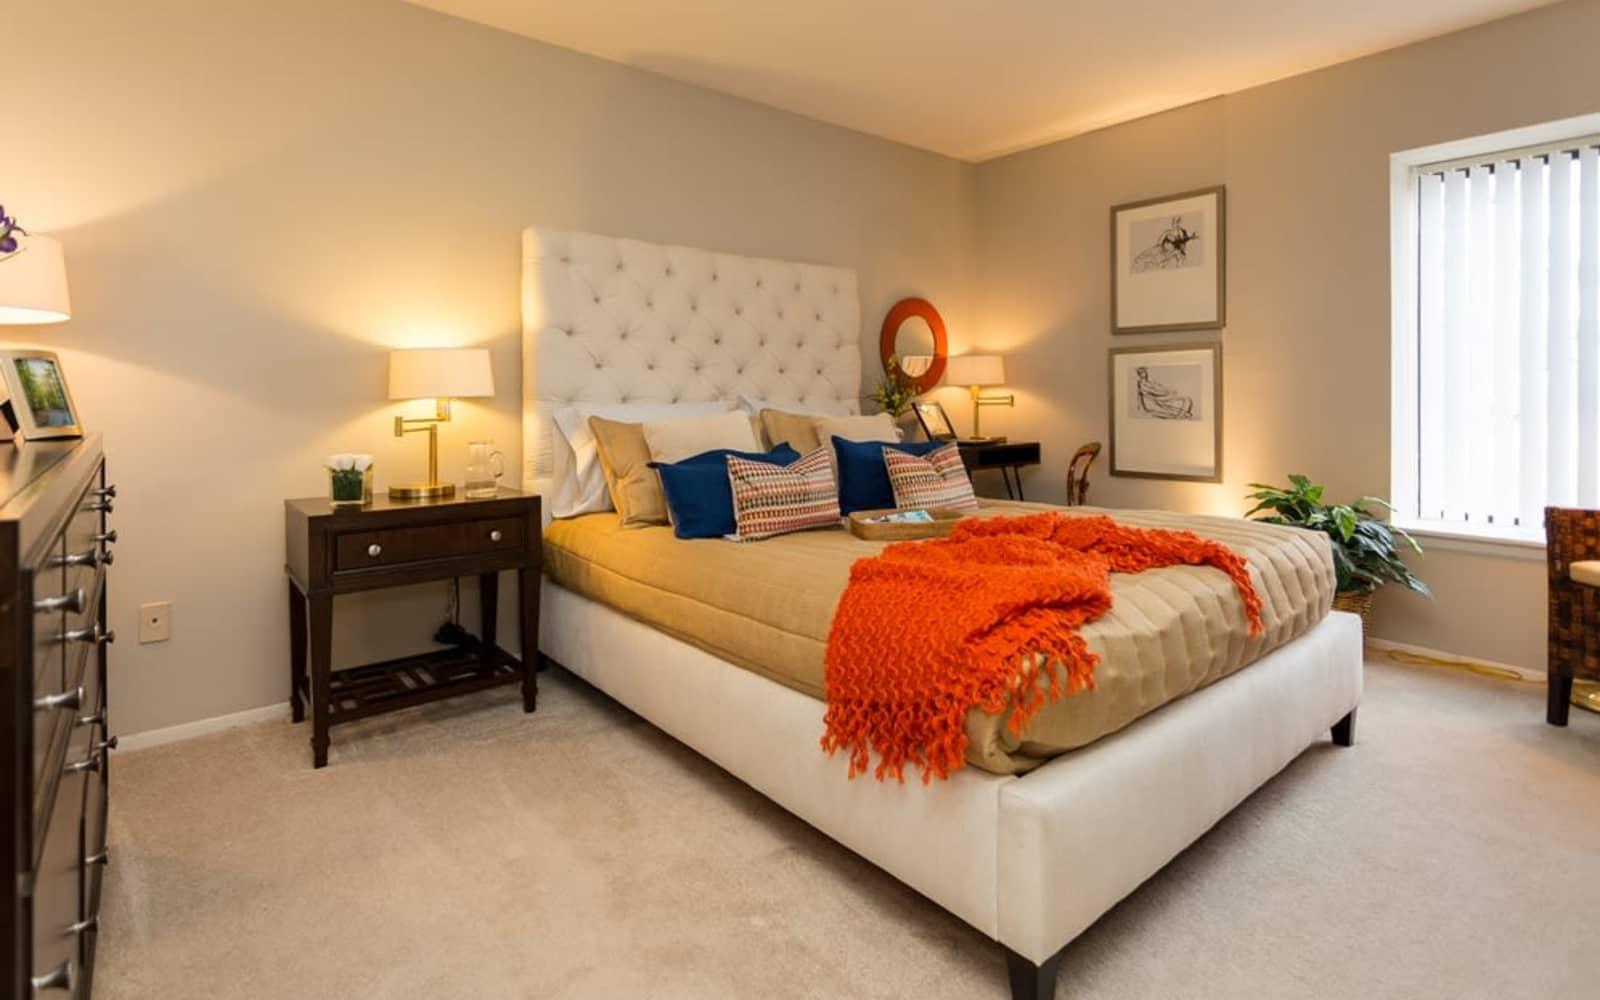 Master bedroom at Fairmont Park Apartments in Farmington Hills, Michigan